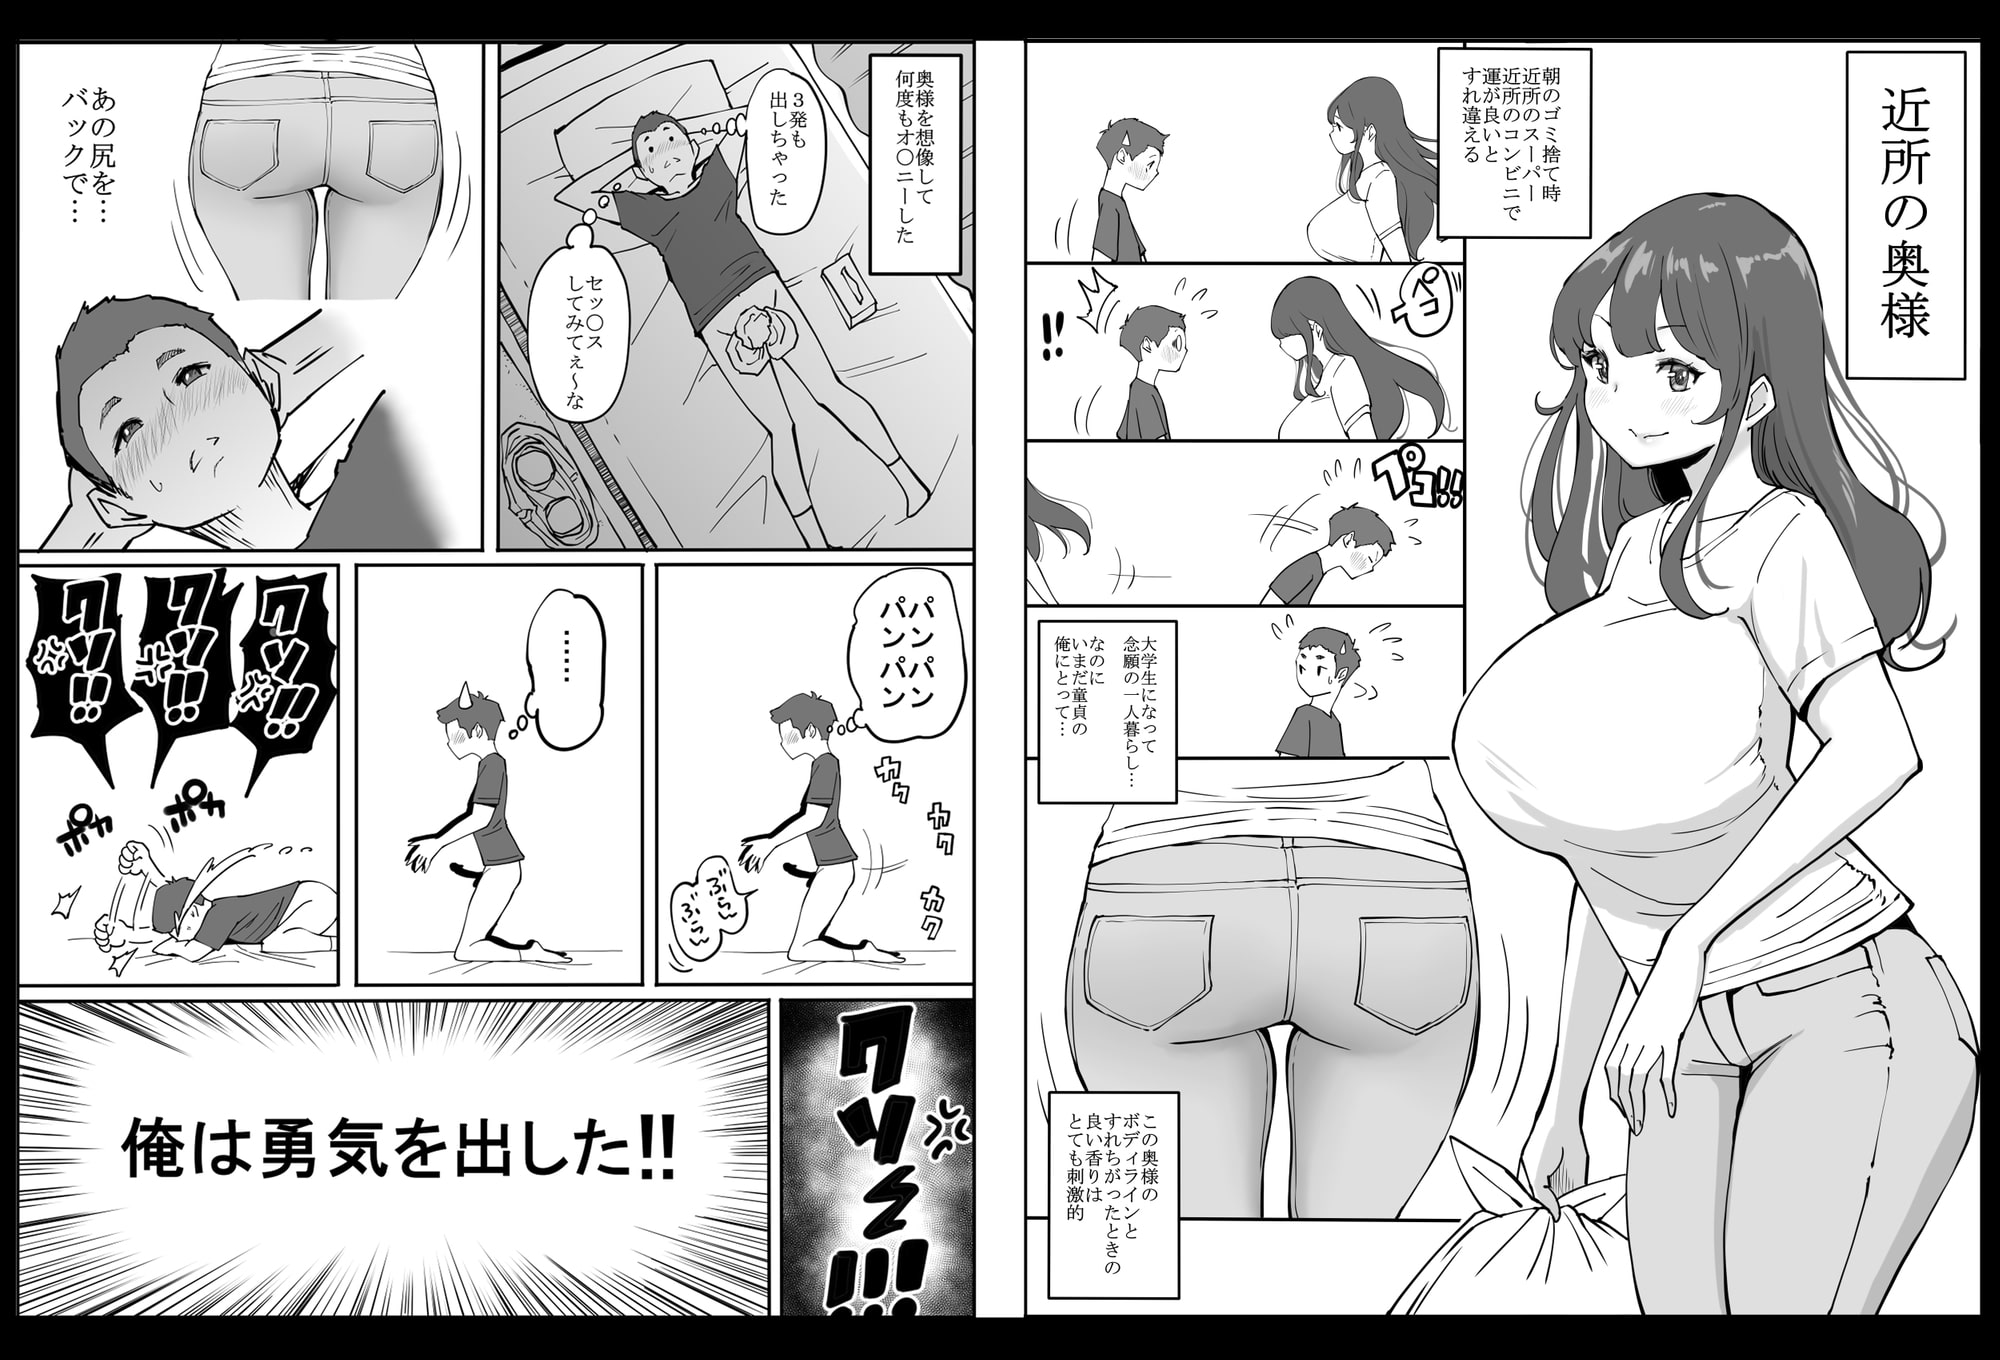 僕にセフレが出来た理由 ~安産型お尻の人妻編~ サンプル画像1